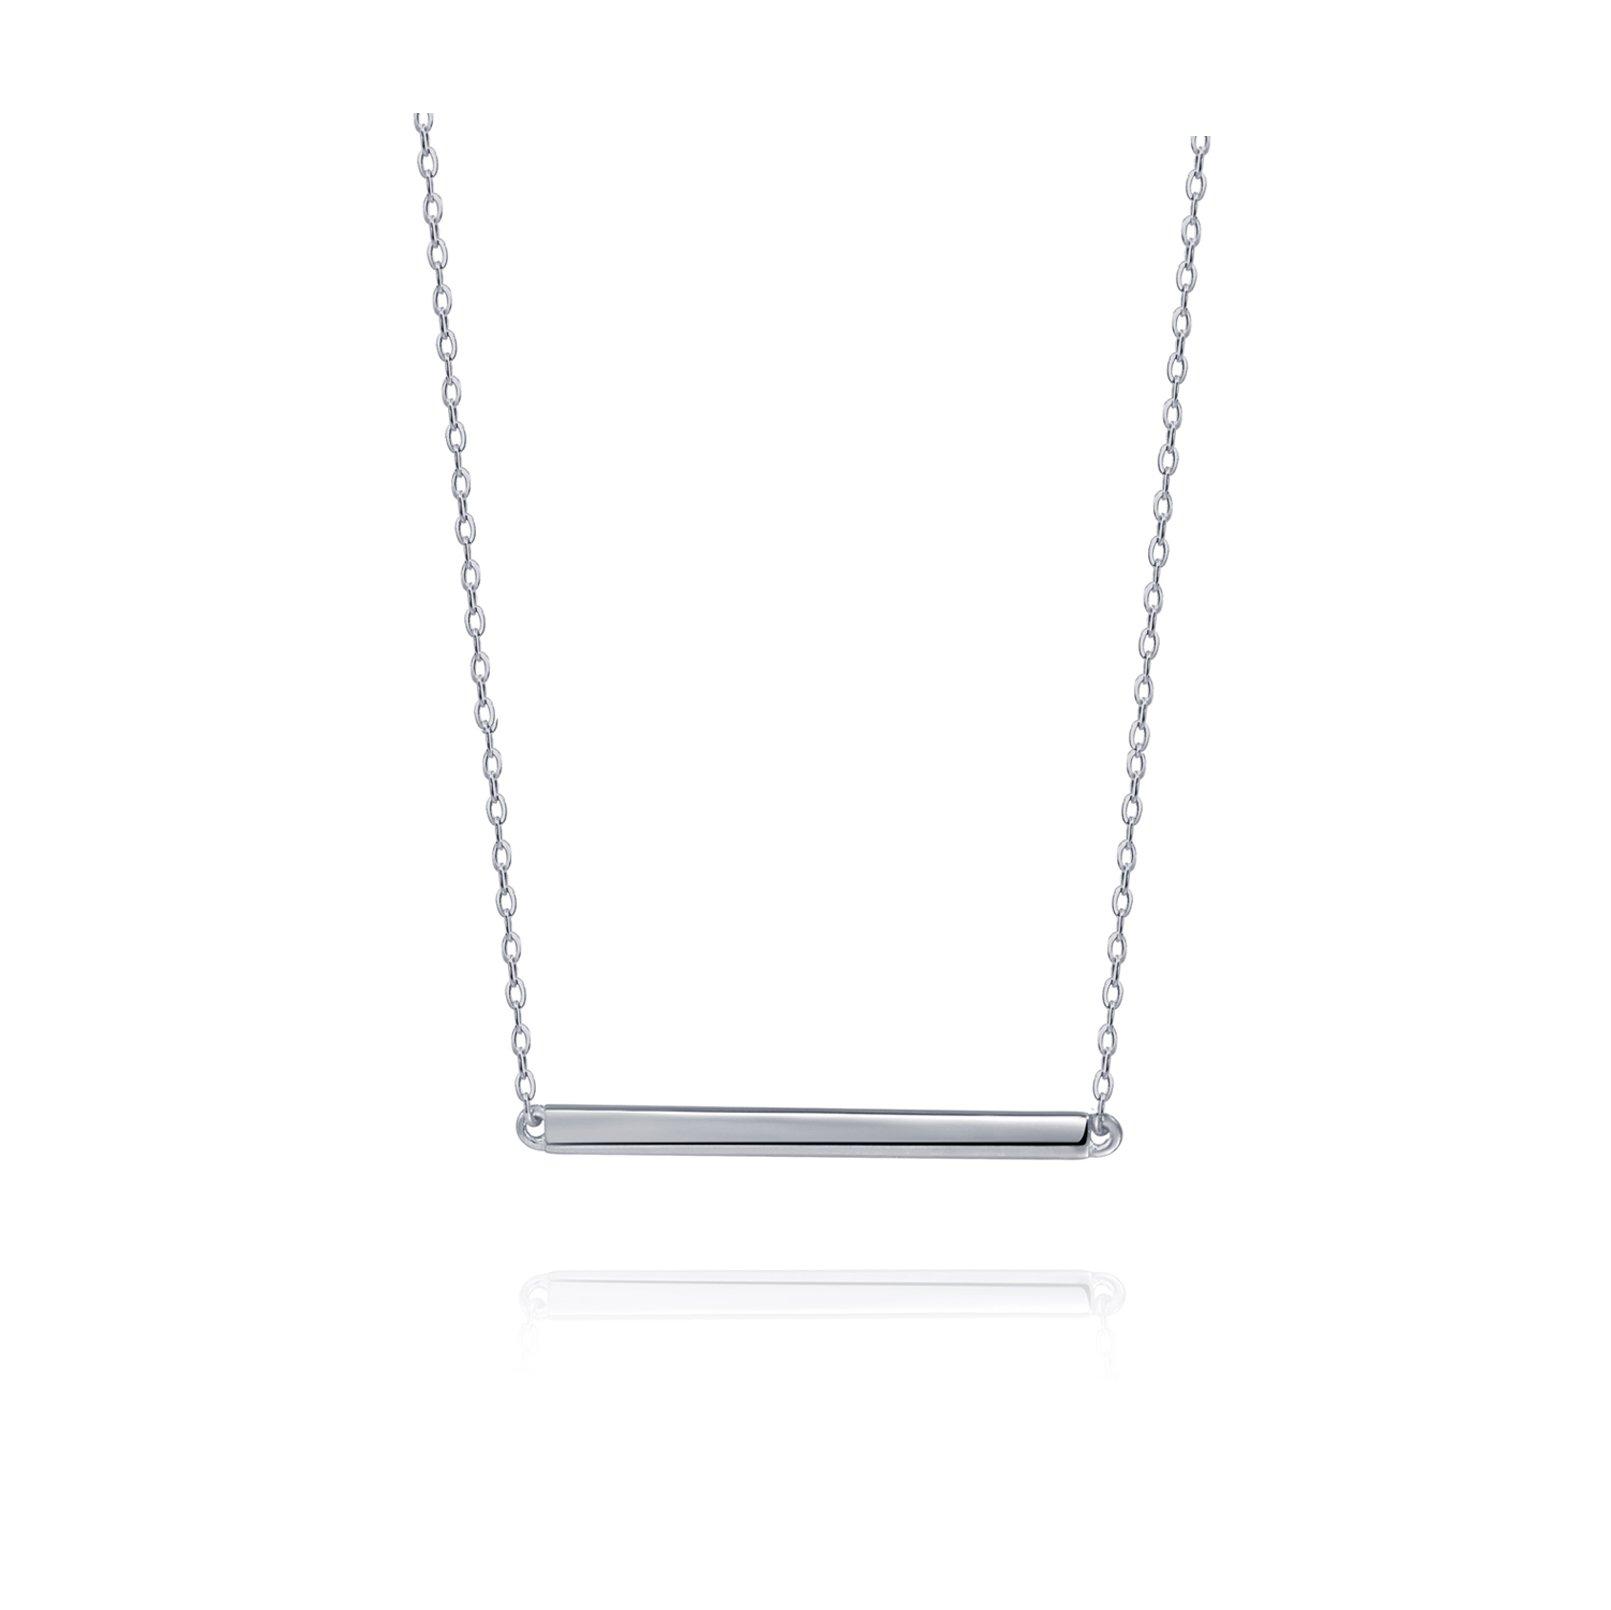 S.Leaf Bar Necklace Sterling Silver Minimalism Line Necklace Horizontal Bar Necklace (Necklace-White Gold)